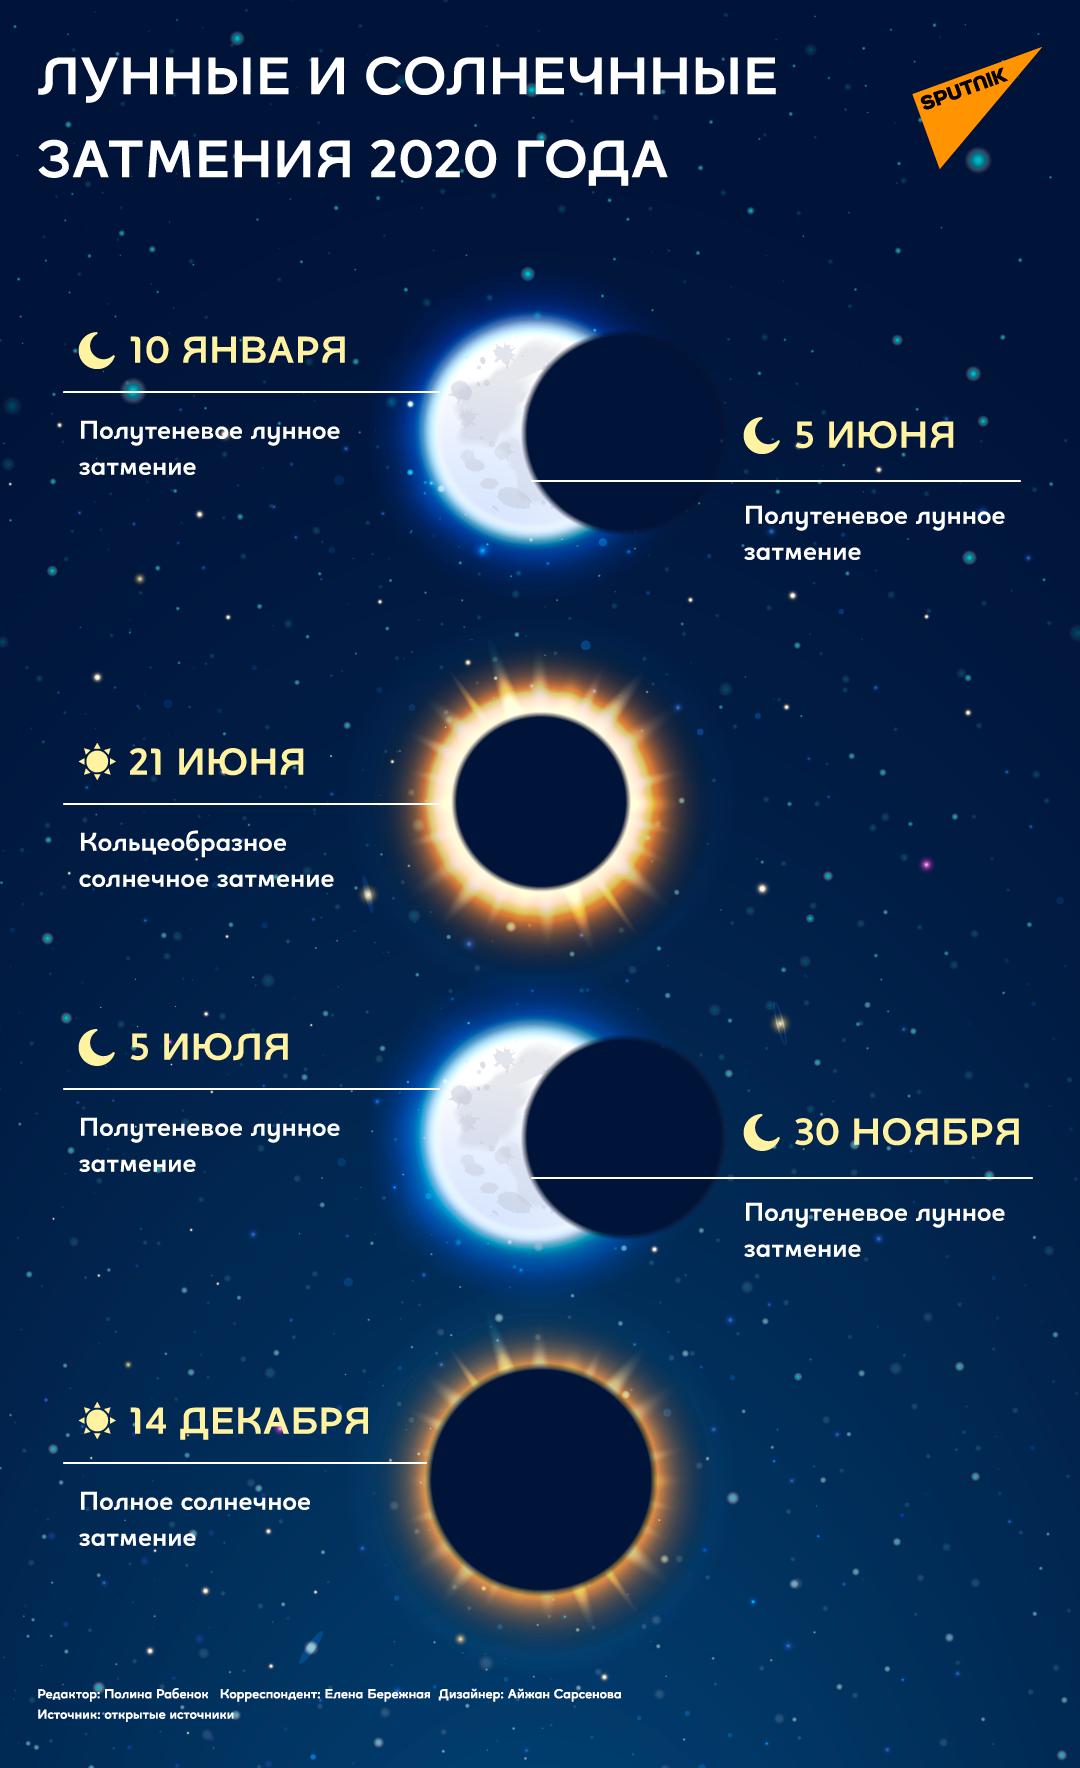 11 января день для кредита по лунному